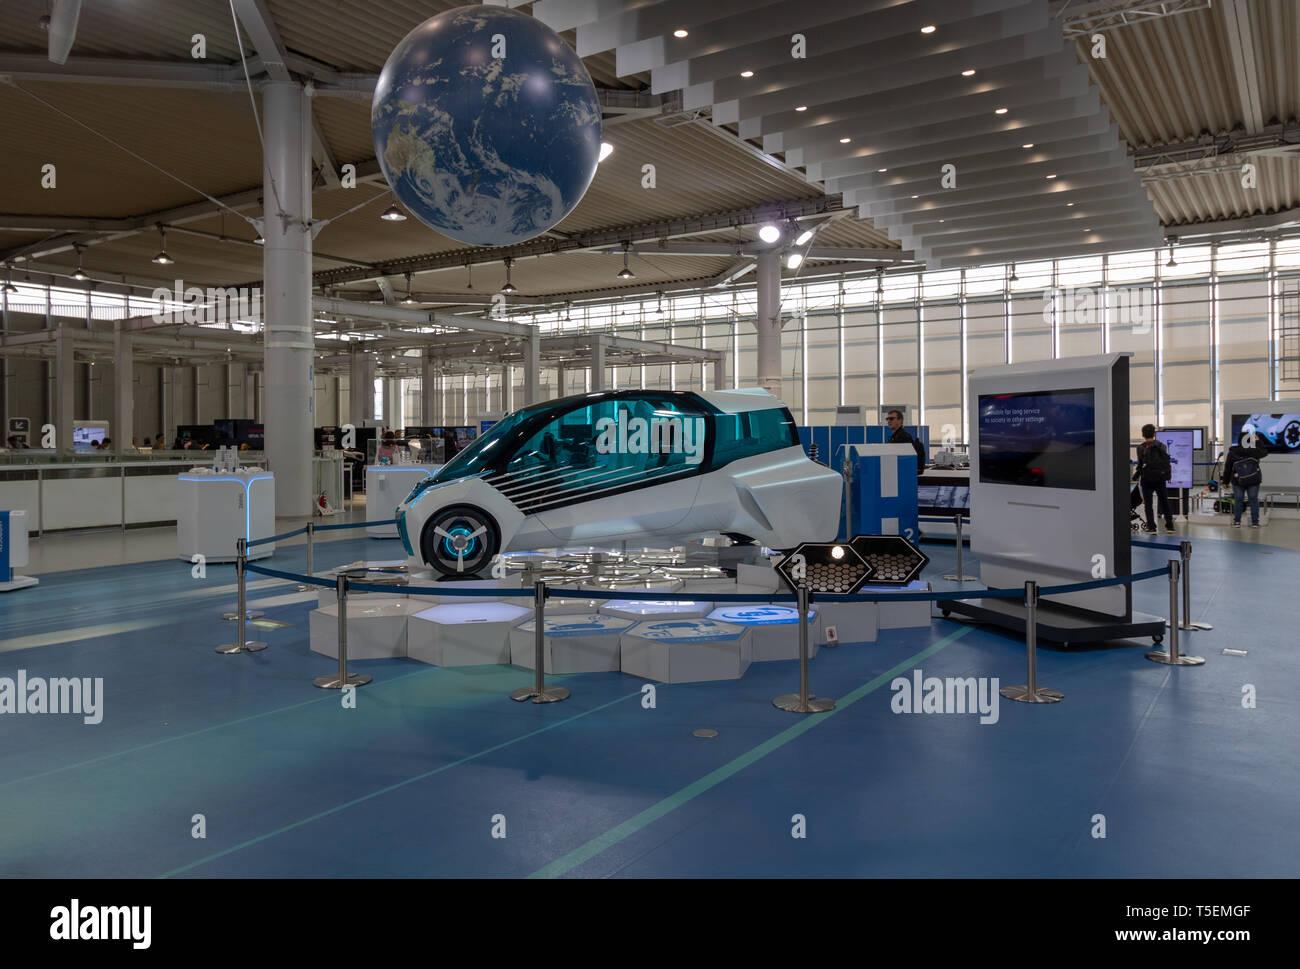 Les derniers modèles de voitures Toyota étaient absolument éclair, même pour quelqu'un qui n'est pas un grand amateur de voiture. Photo Stock